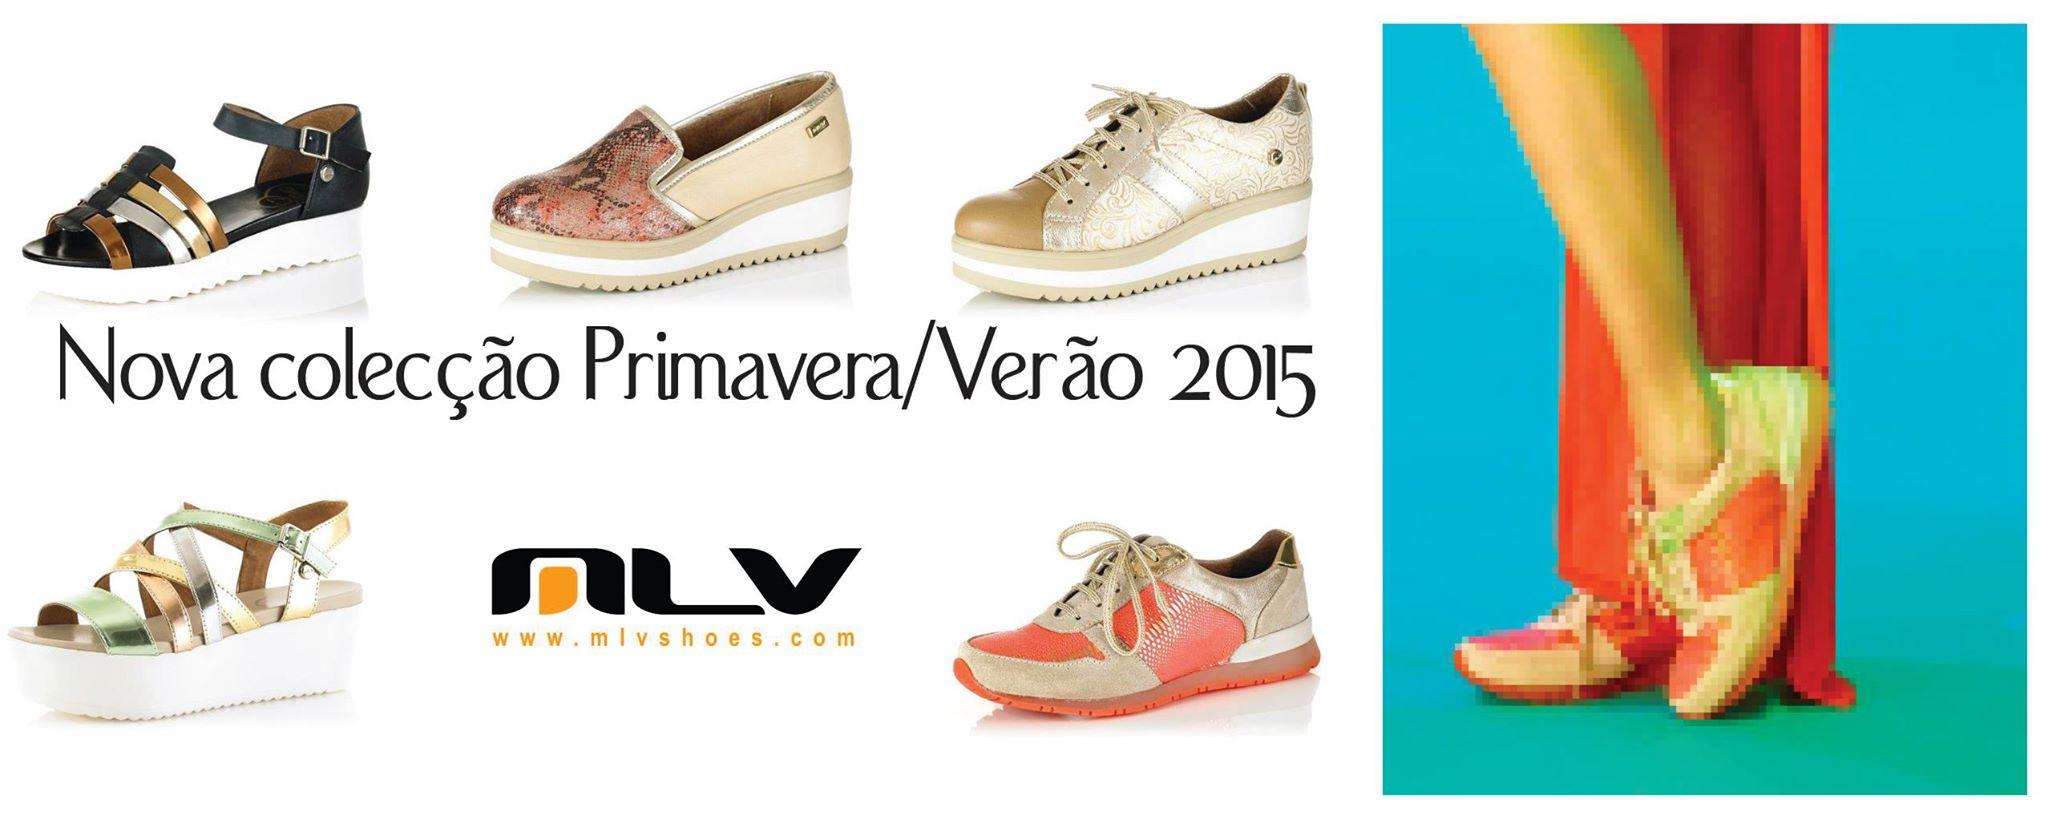 sapatilhas-coleccao-primavera-verao-2015-mlv-shoes